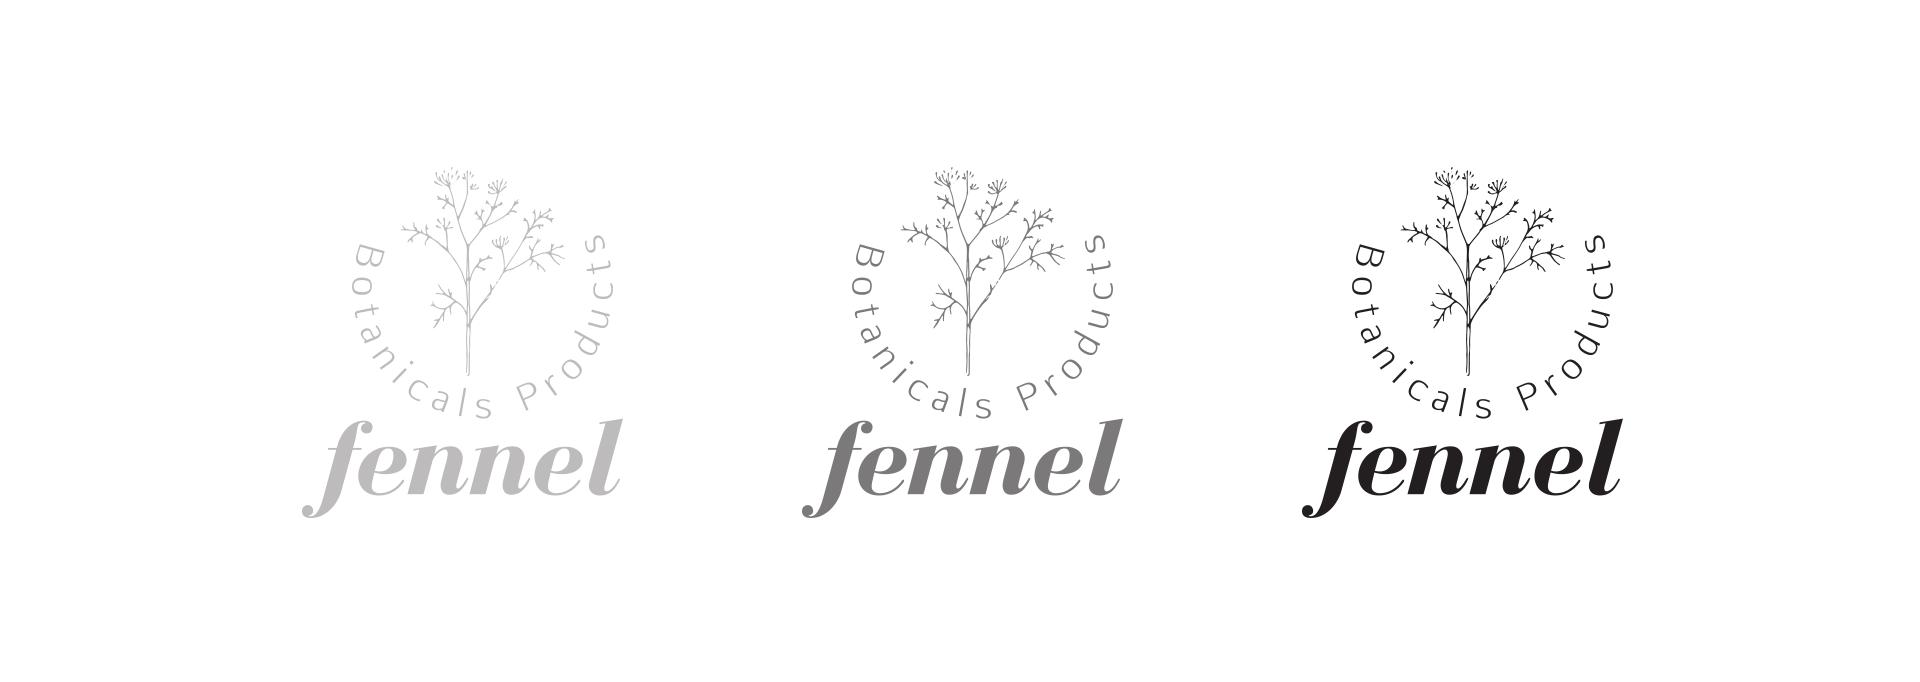 Fennel logo design by vazirstudio.com